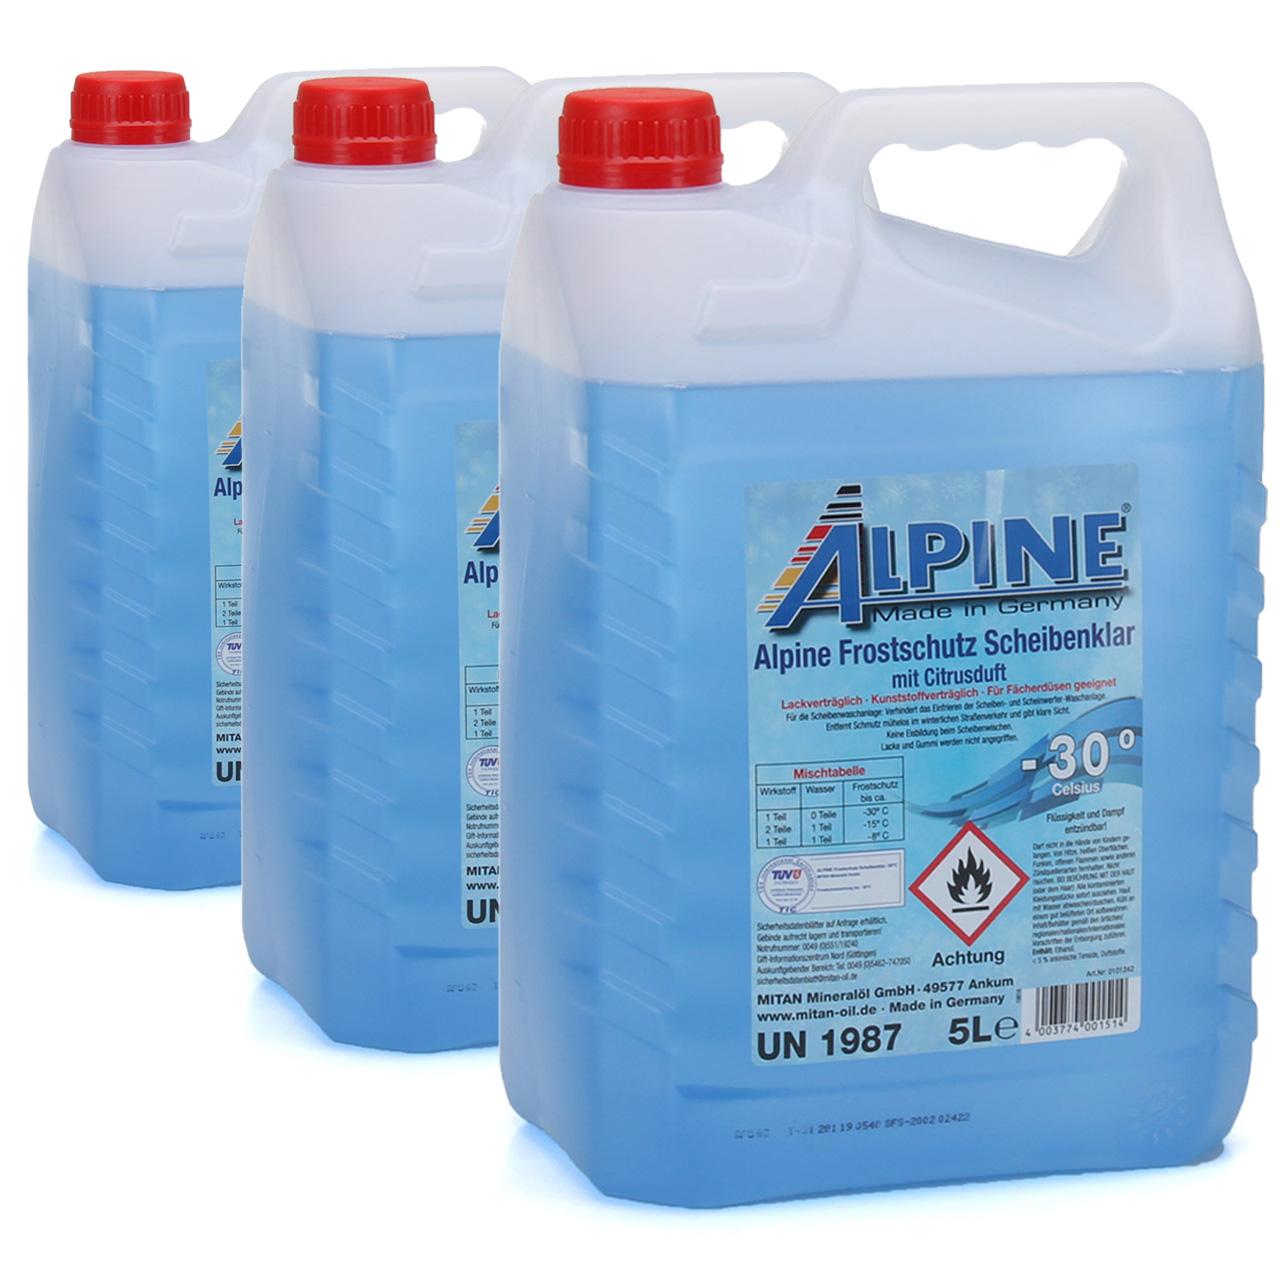 ALPINE Frostschutz SCHEIBENKLAR Scheibenfrostschutz Gebrauchsfertig -30°C 15 L